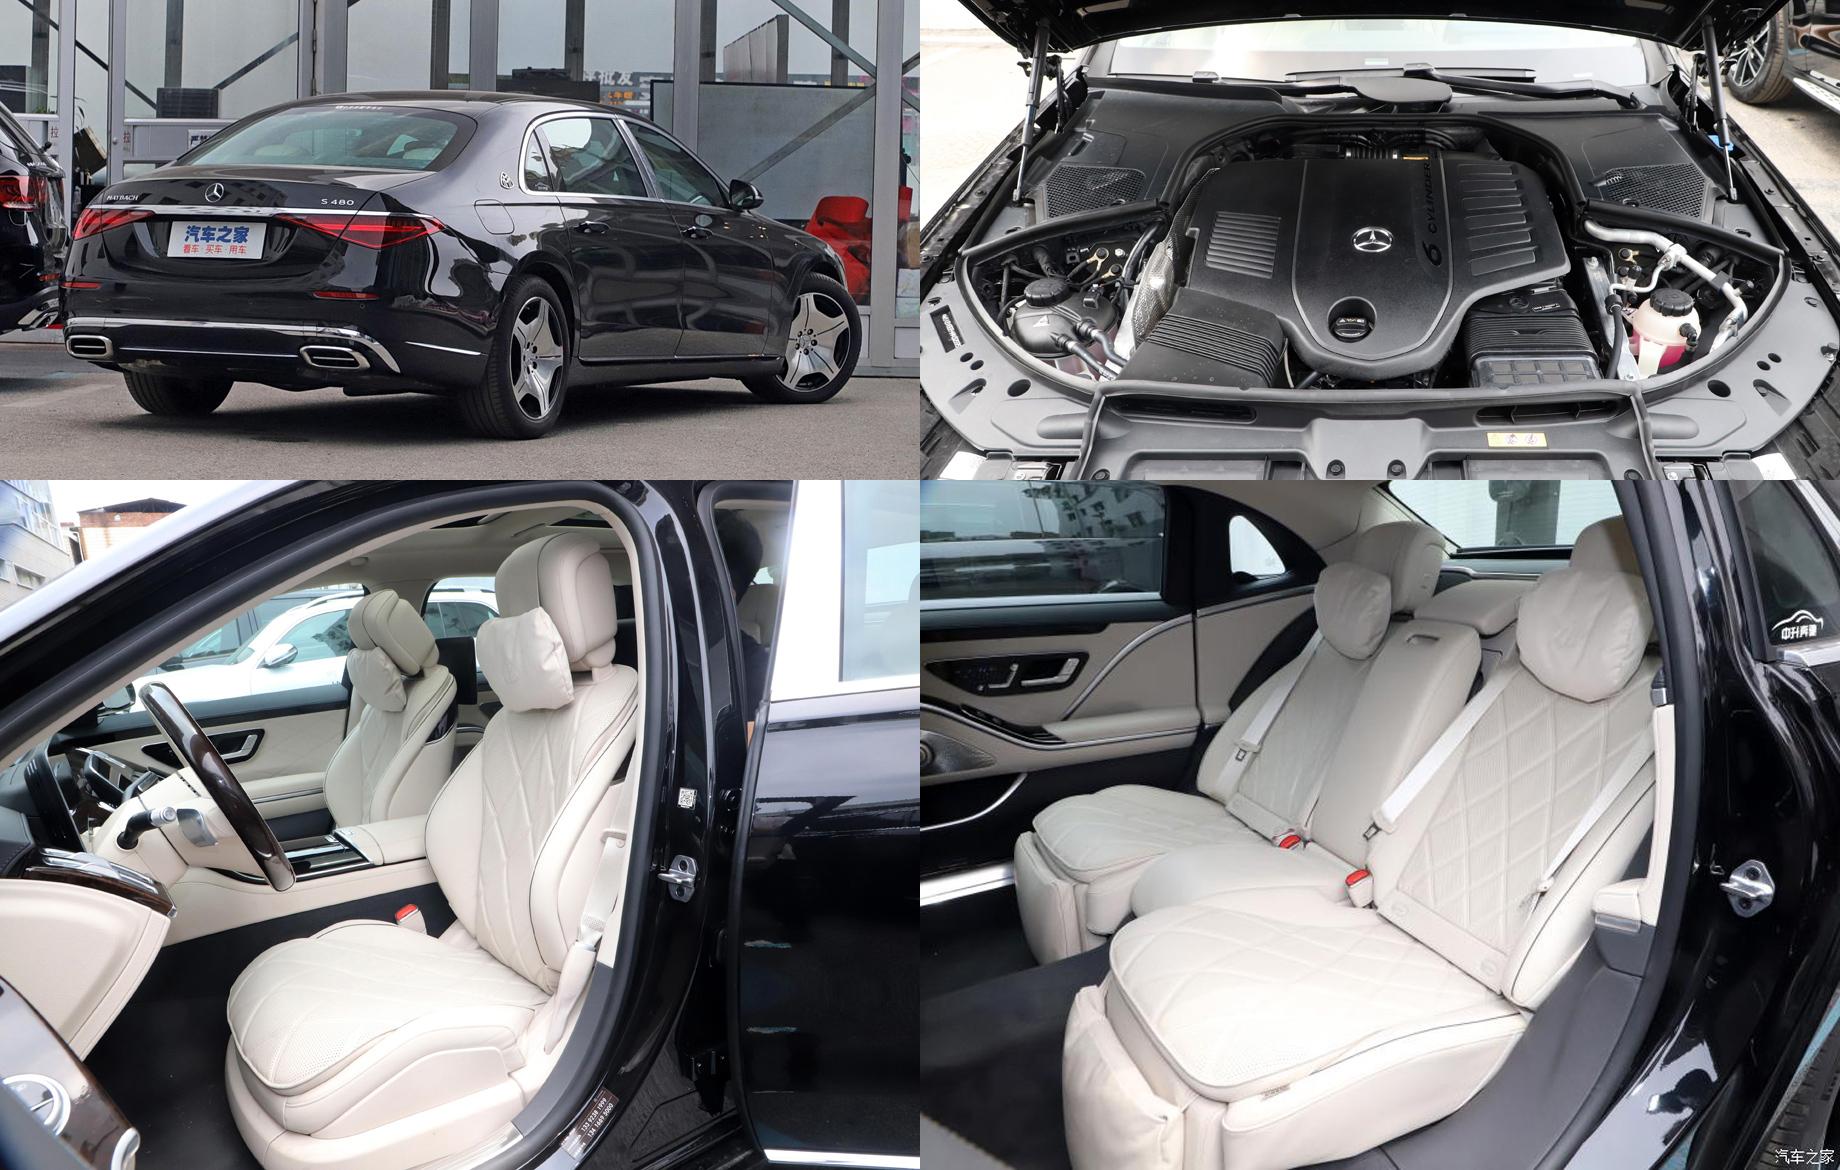 Mercedes-Maybach S-класу отримав шестициліндровий варіант